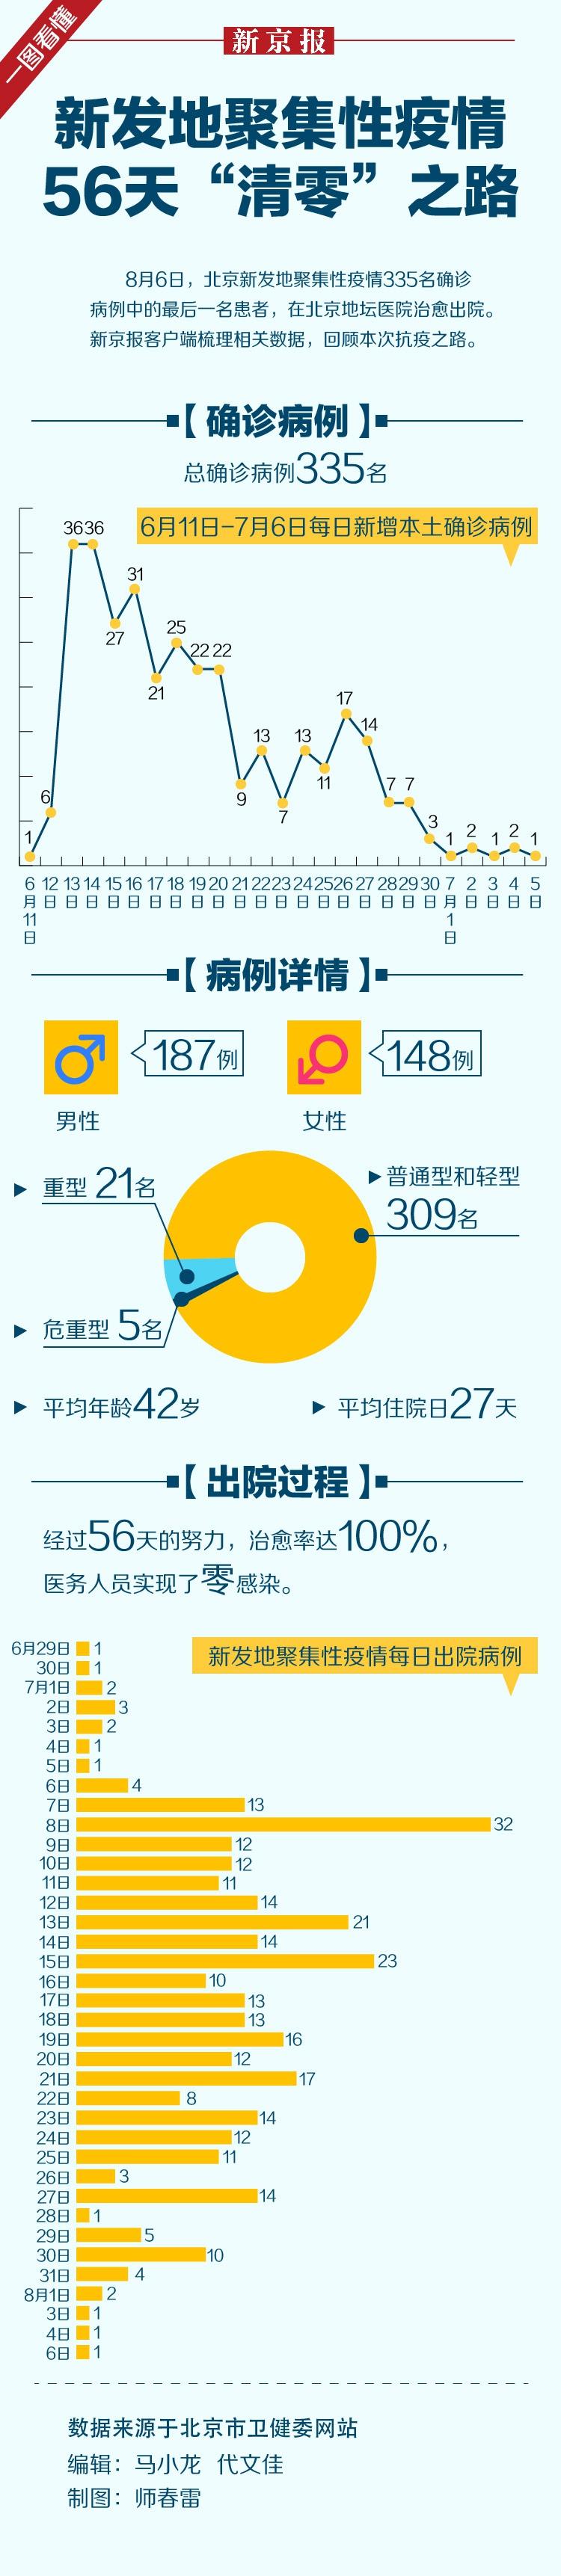 疫情56天清零之摩臣2平台,摩臣2平台图片